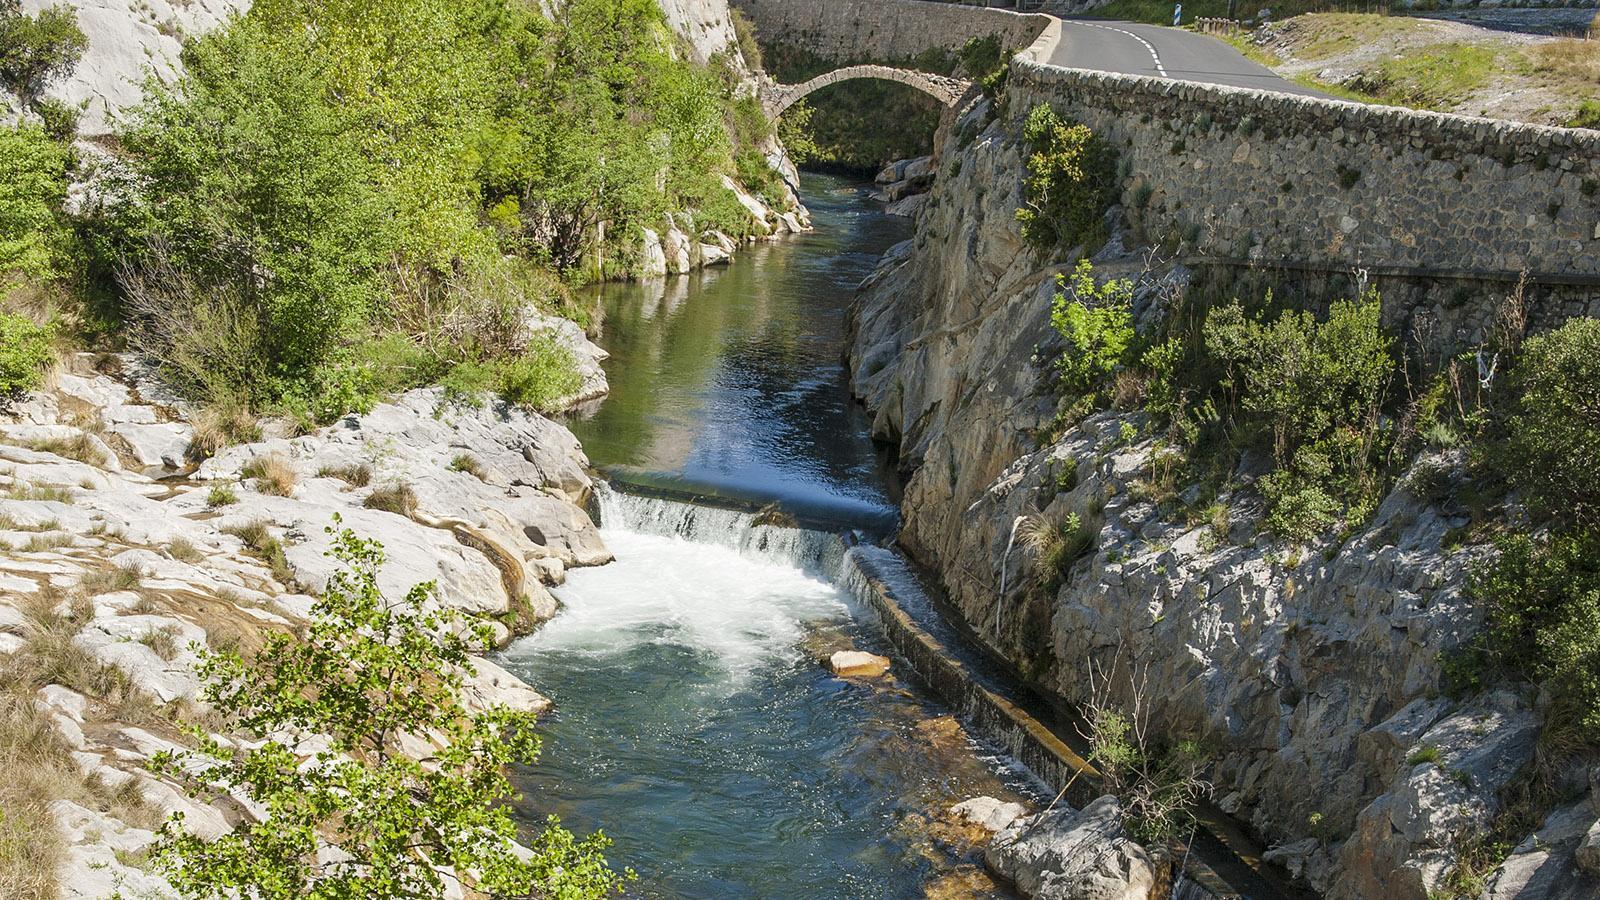 Die Bogenbrücke über den Agly in der Clue de la Fou bei Saint-Paul-de-Fenouillet. Foto: Hilke Maunder